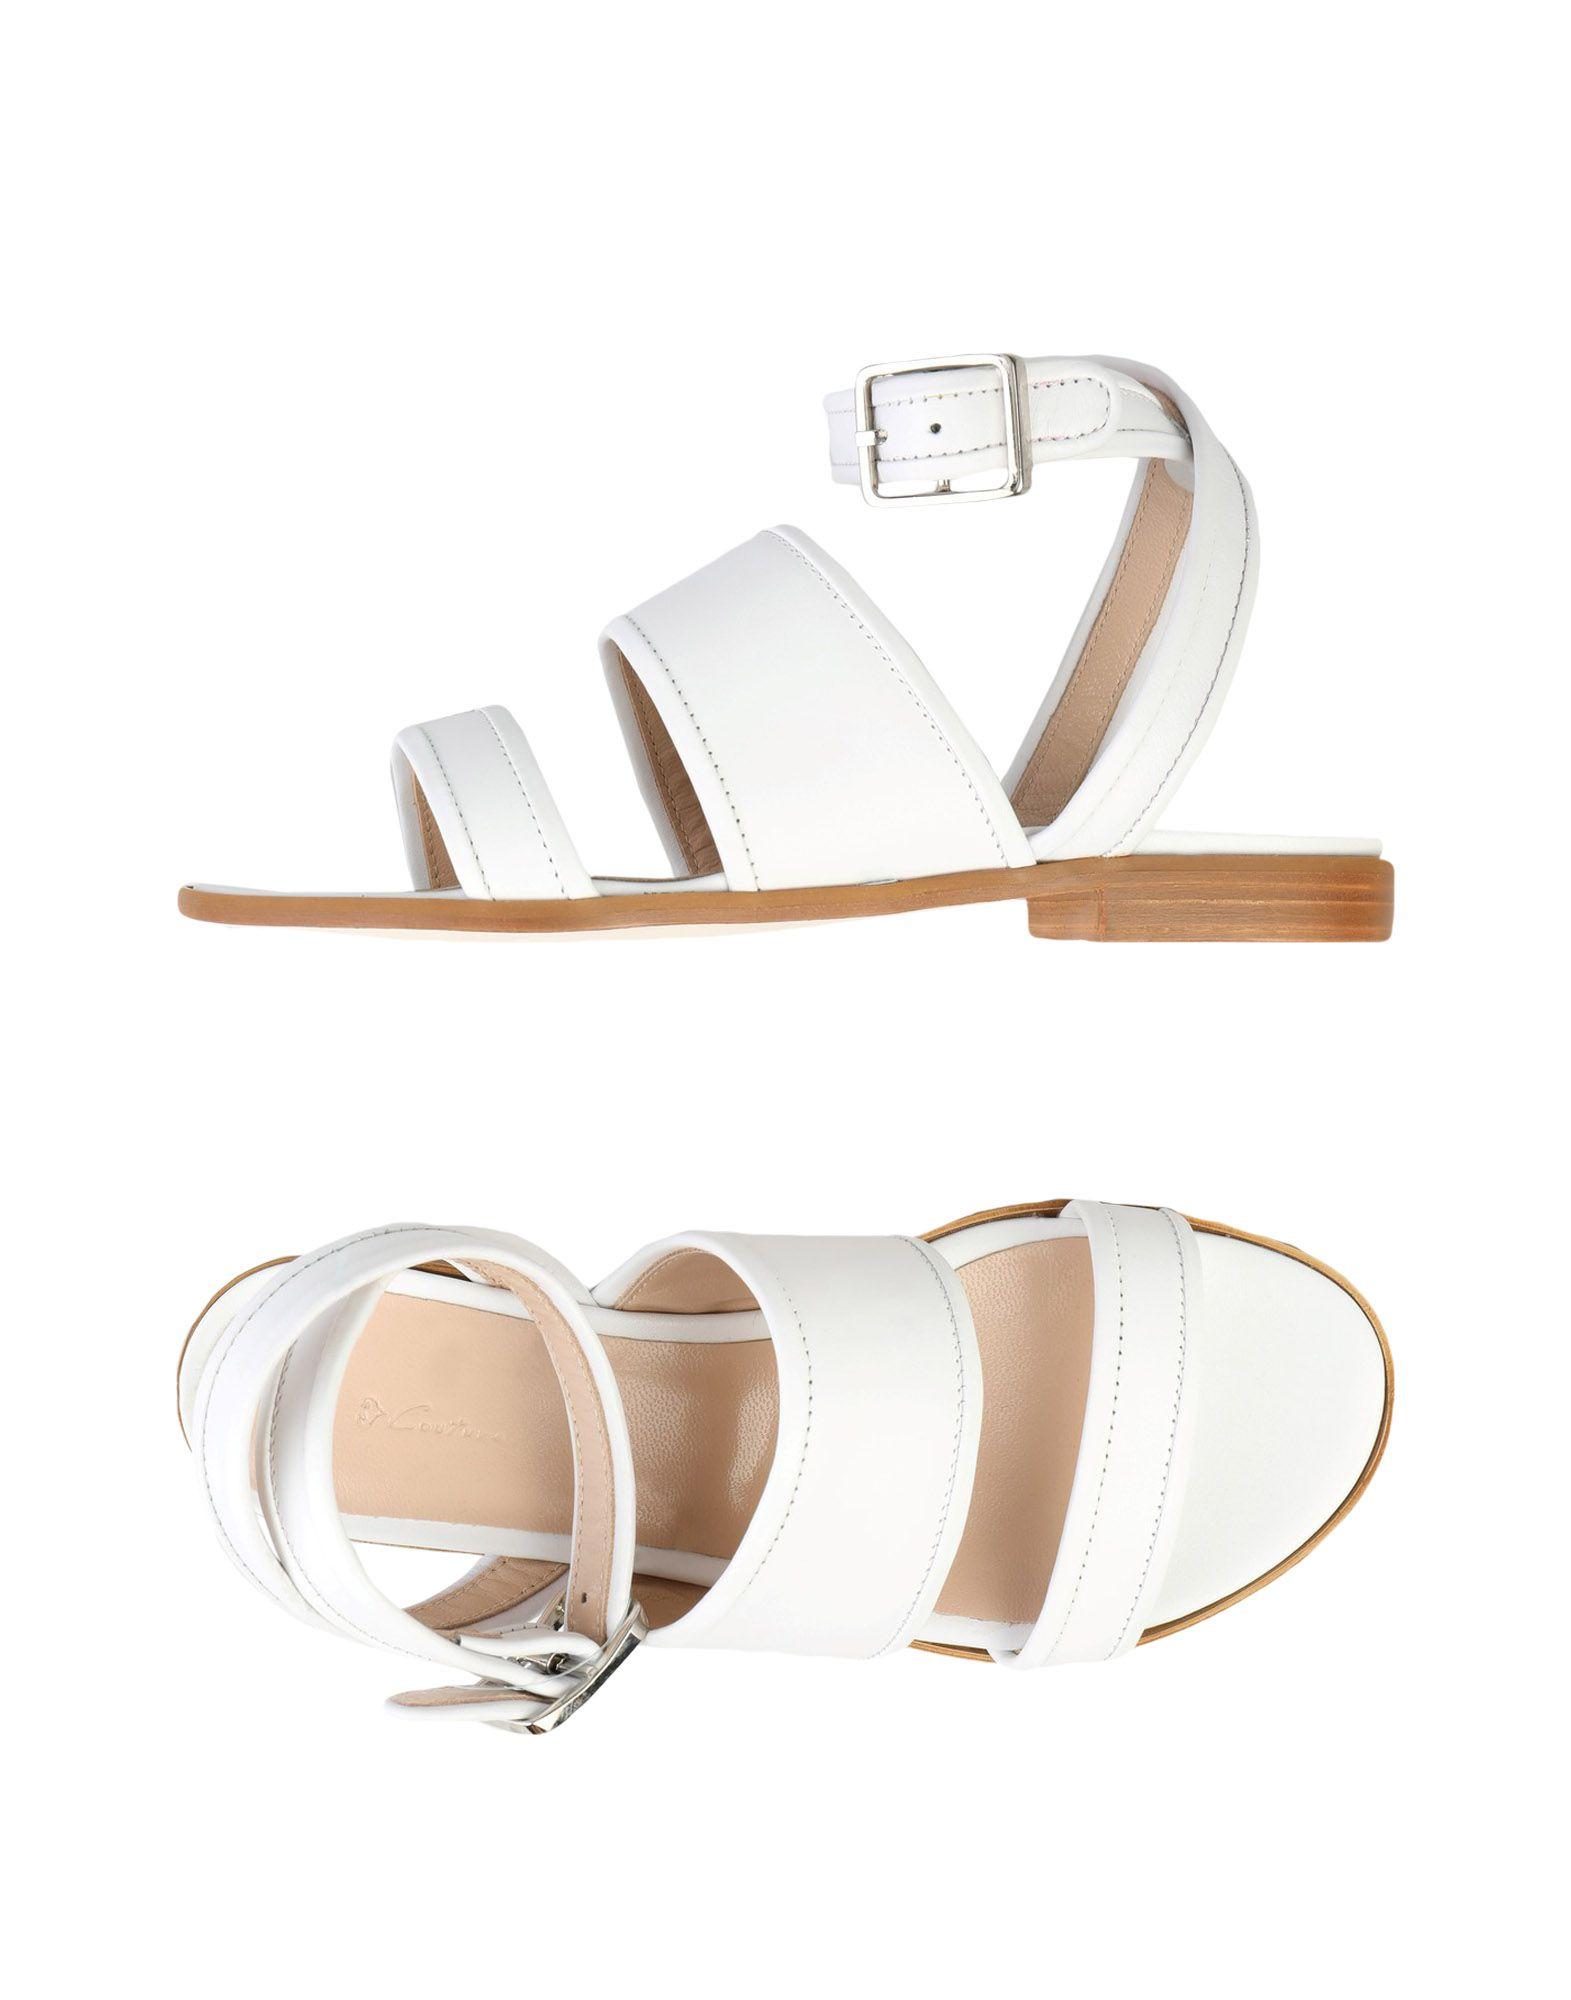 Scarpe economiche e resistenti Sandali Couture Donna - 11361302PH